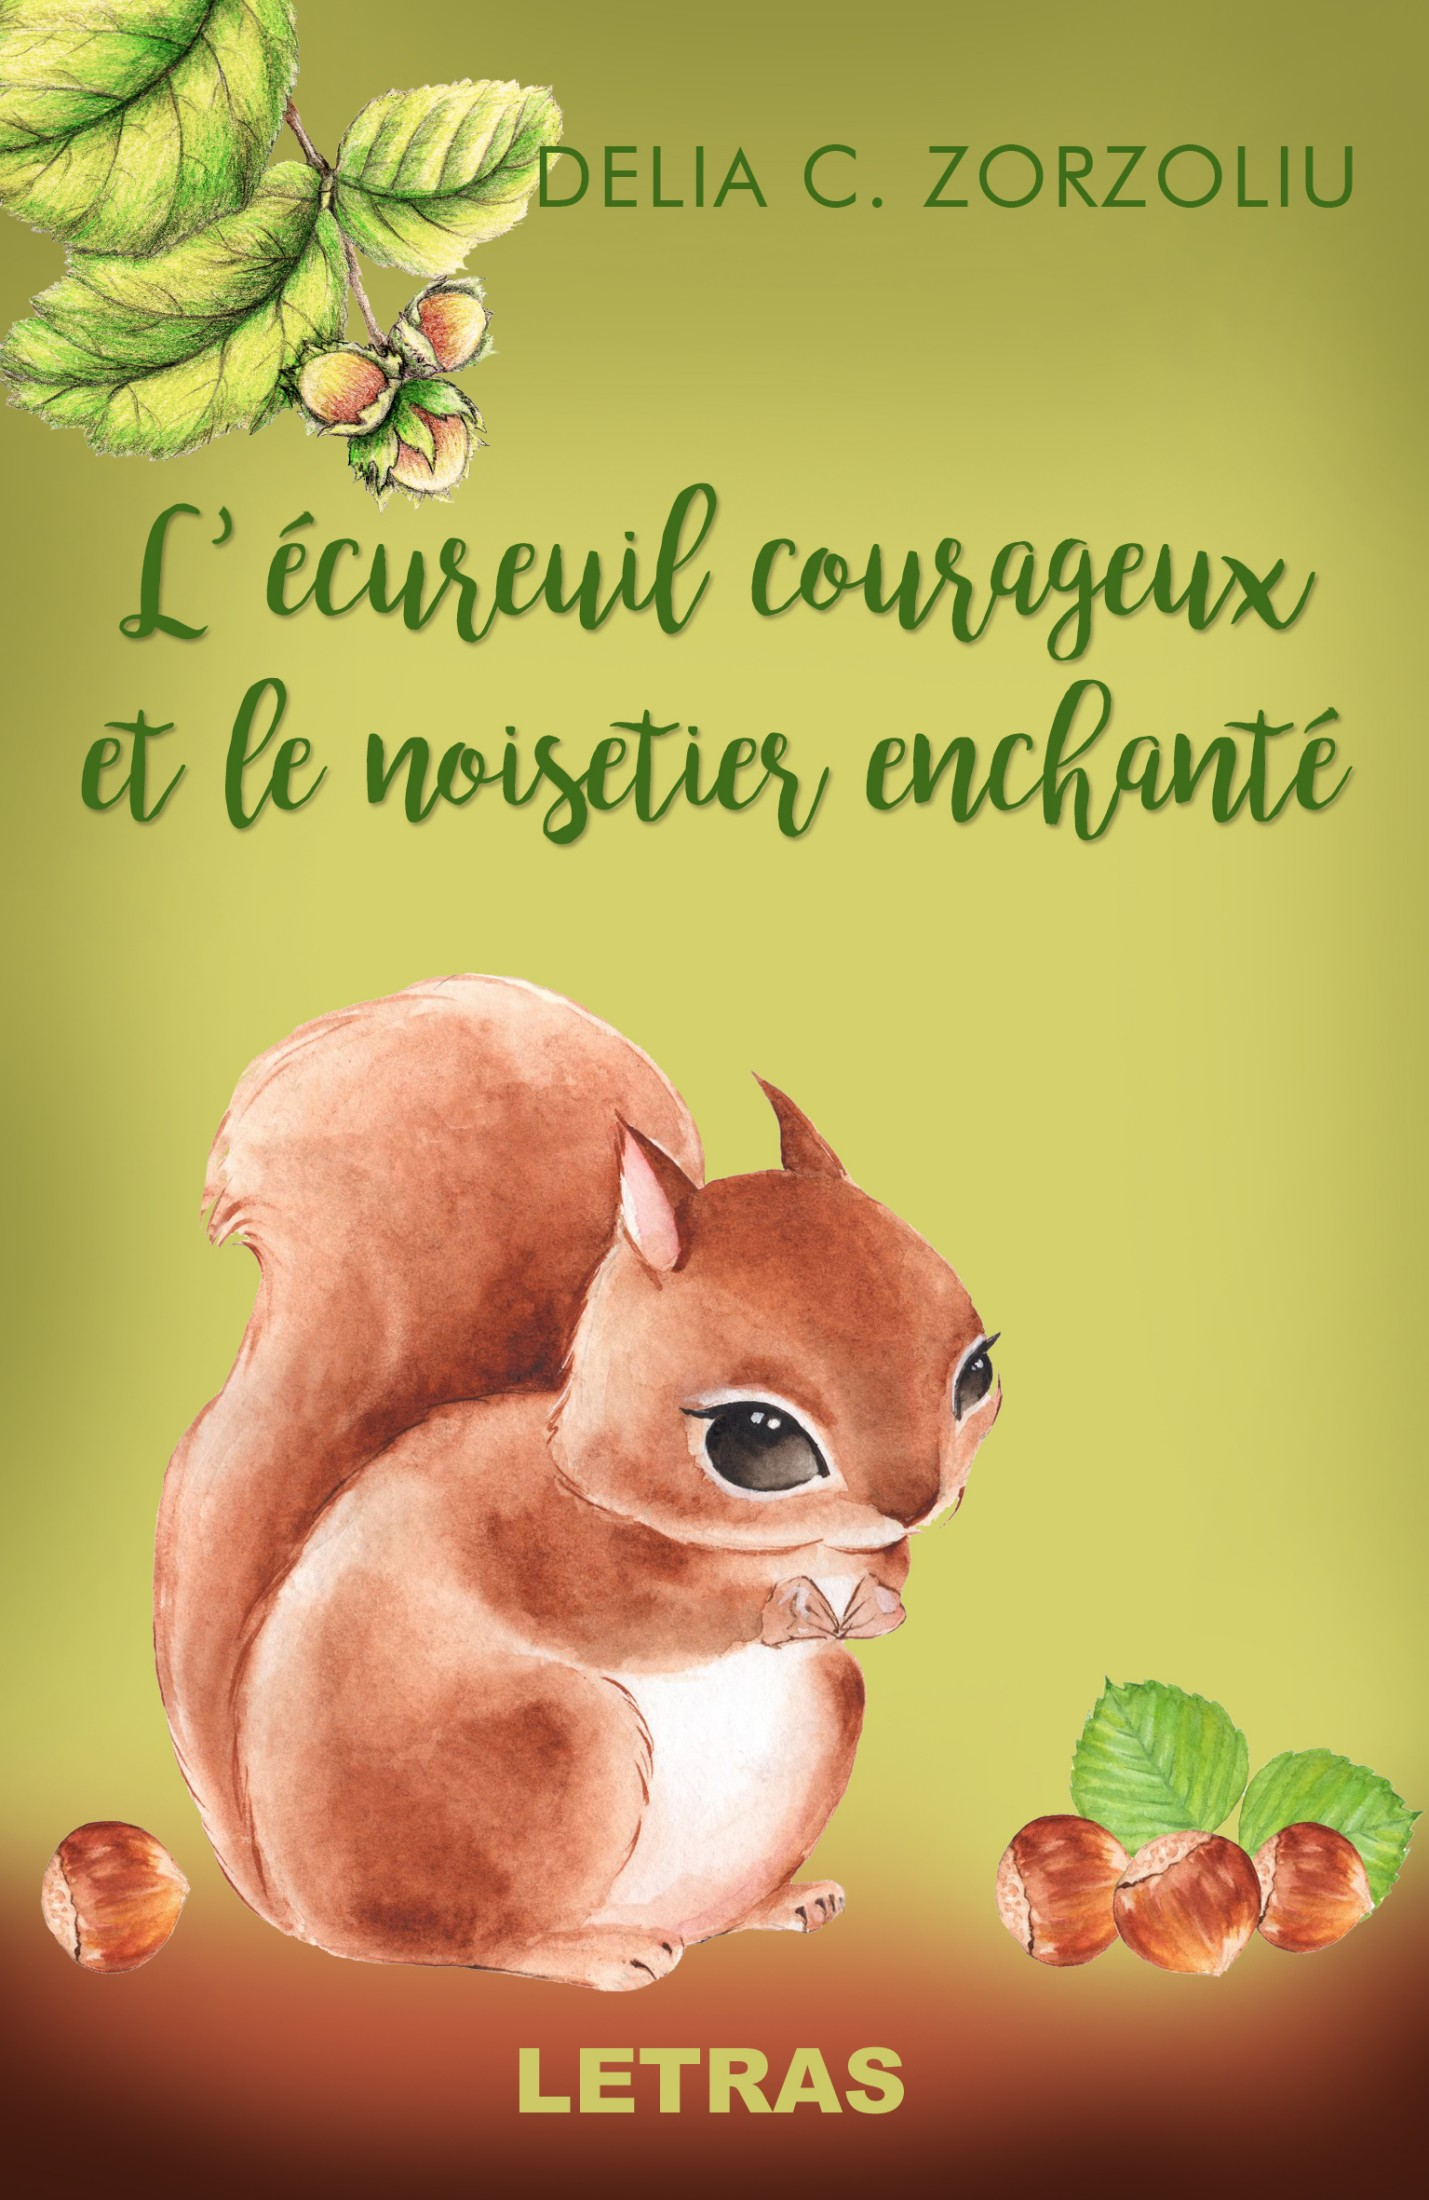 L' Ecureuil courageux et Le noisetier enchante, - Zorzoliu C. Delia